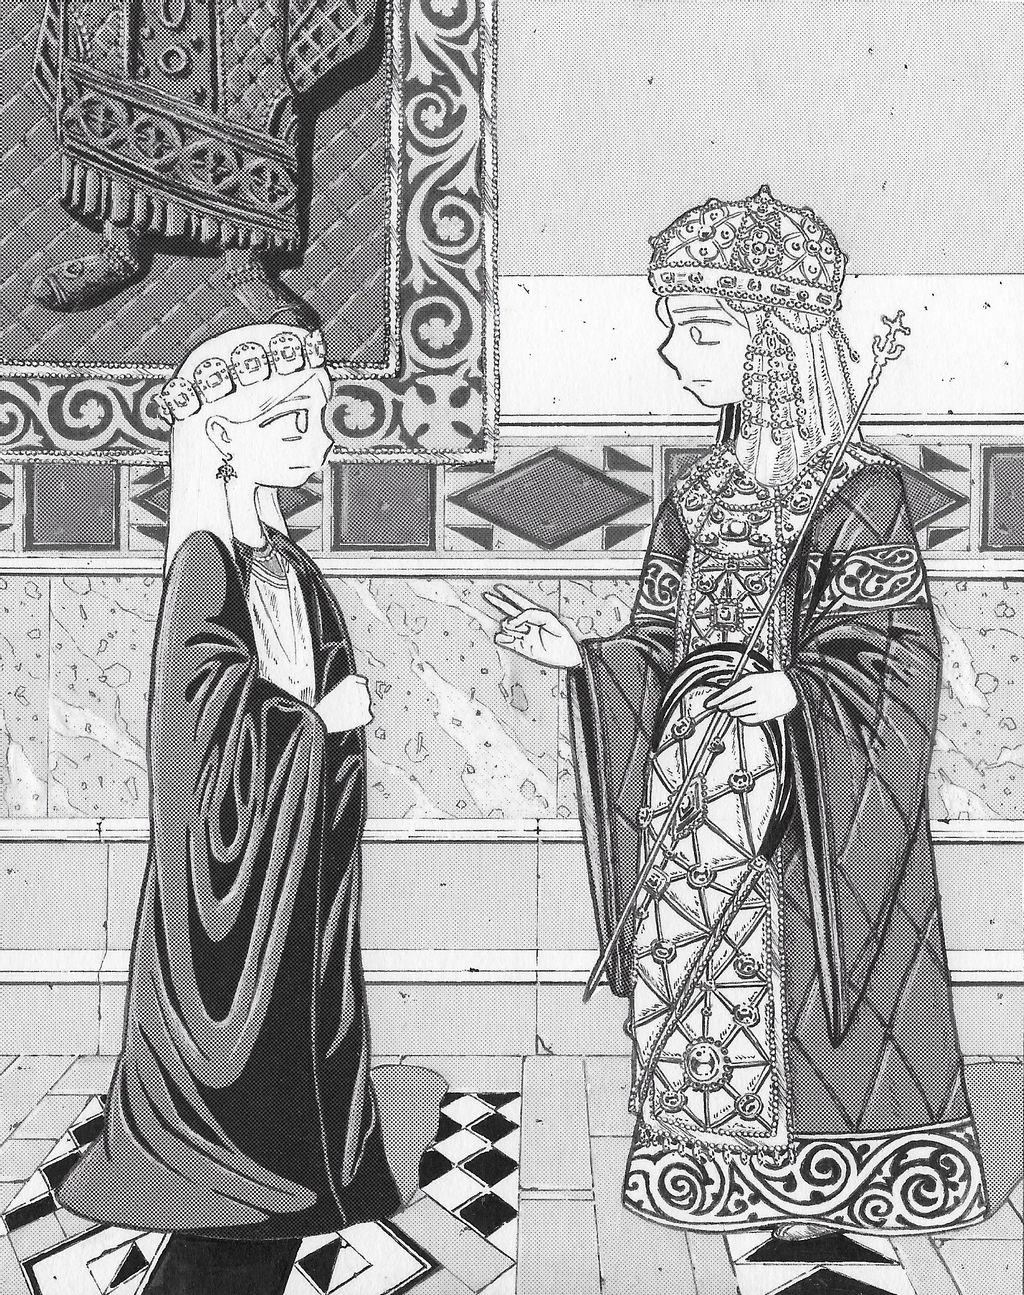 western_princess__eastern_empress_by_ediacar_ddmpz7b-fullview